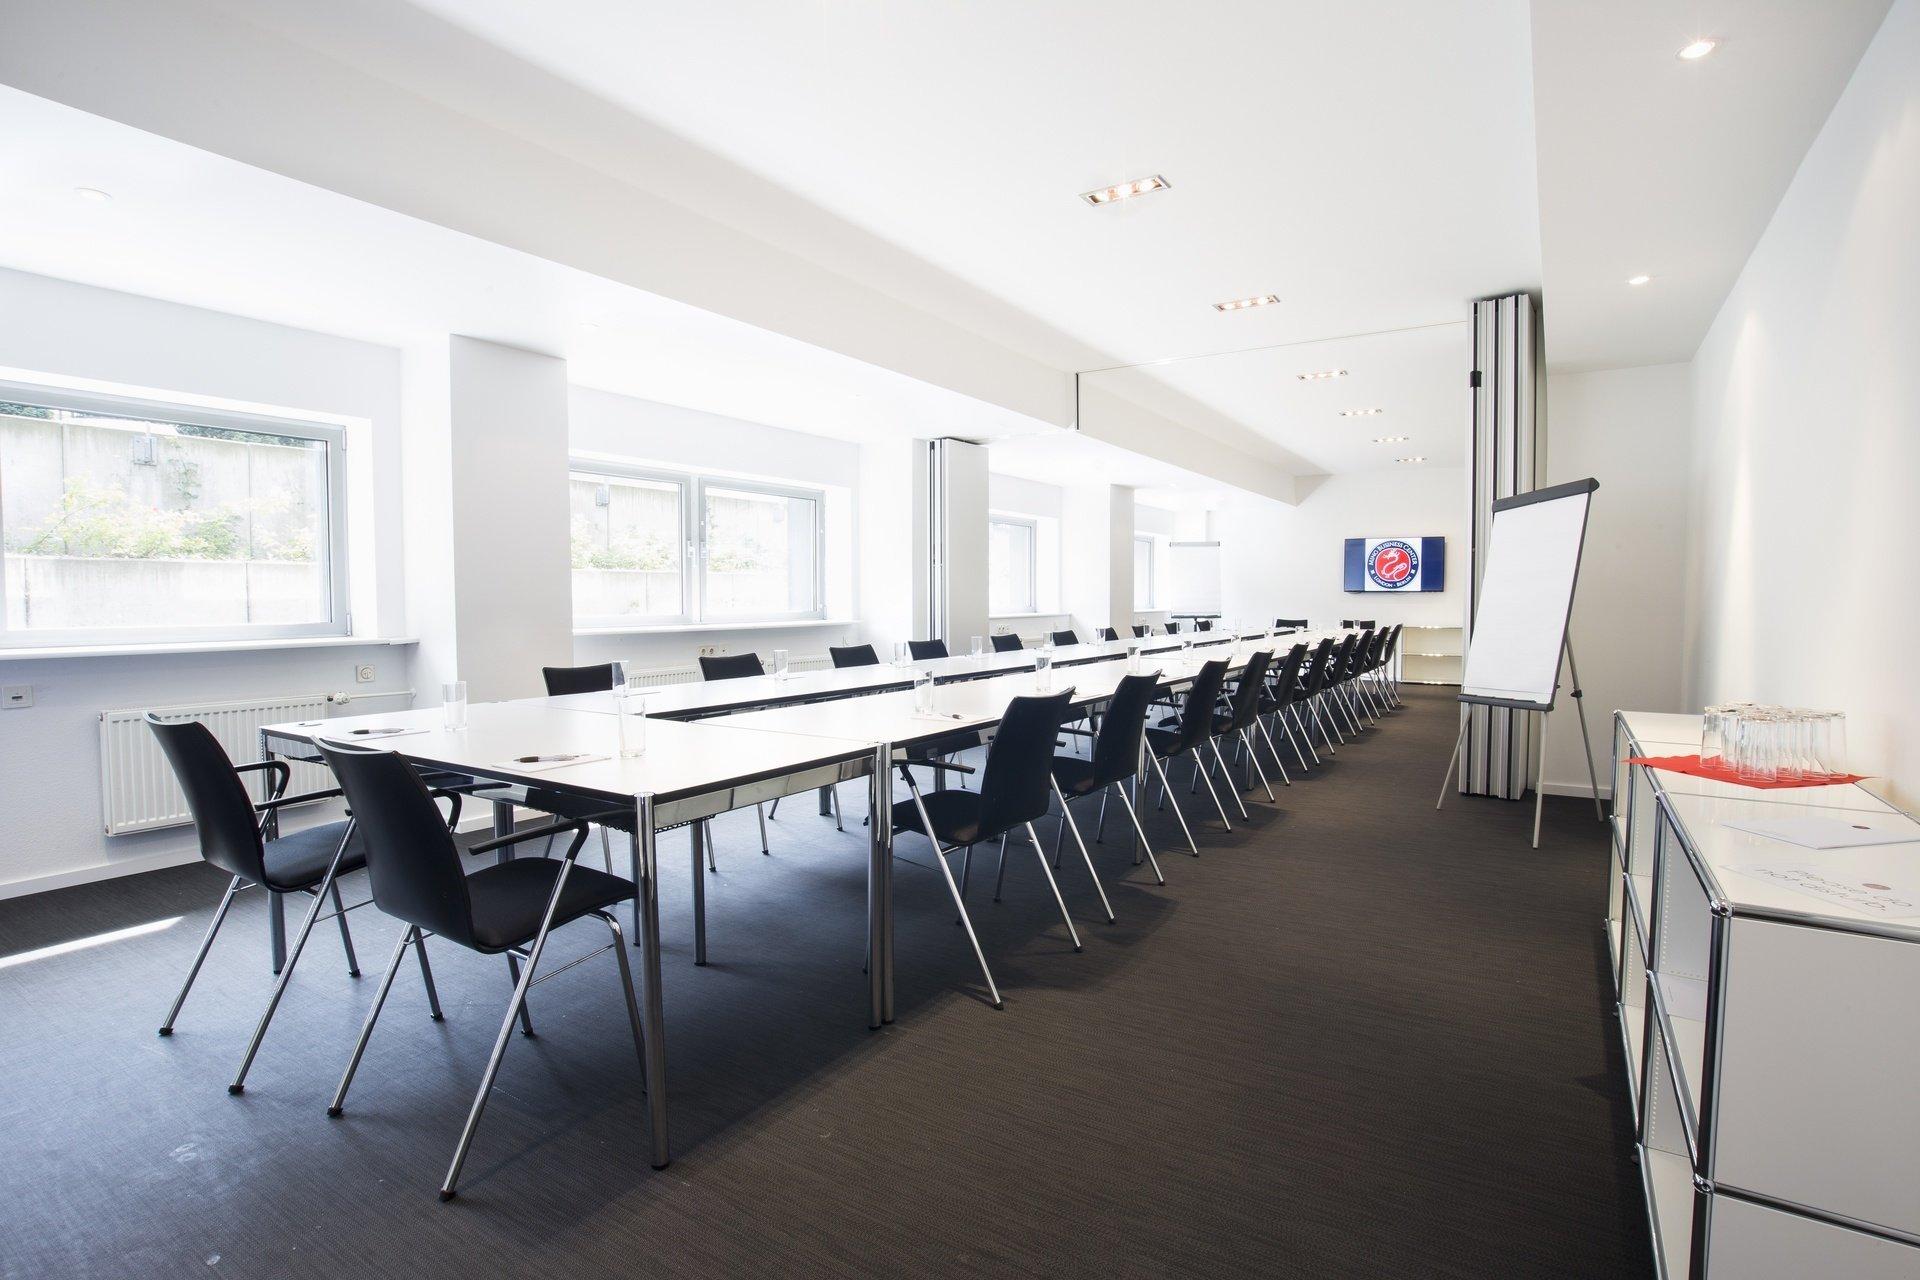 Berlin workshop spaces Meetingraum Ming Business Center - Konferenzraum Souterrain image 10